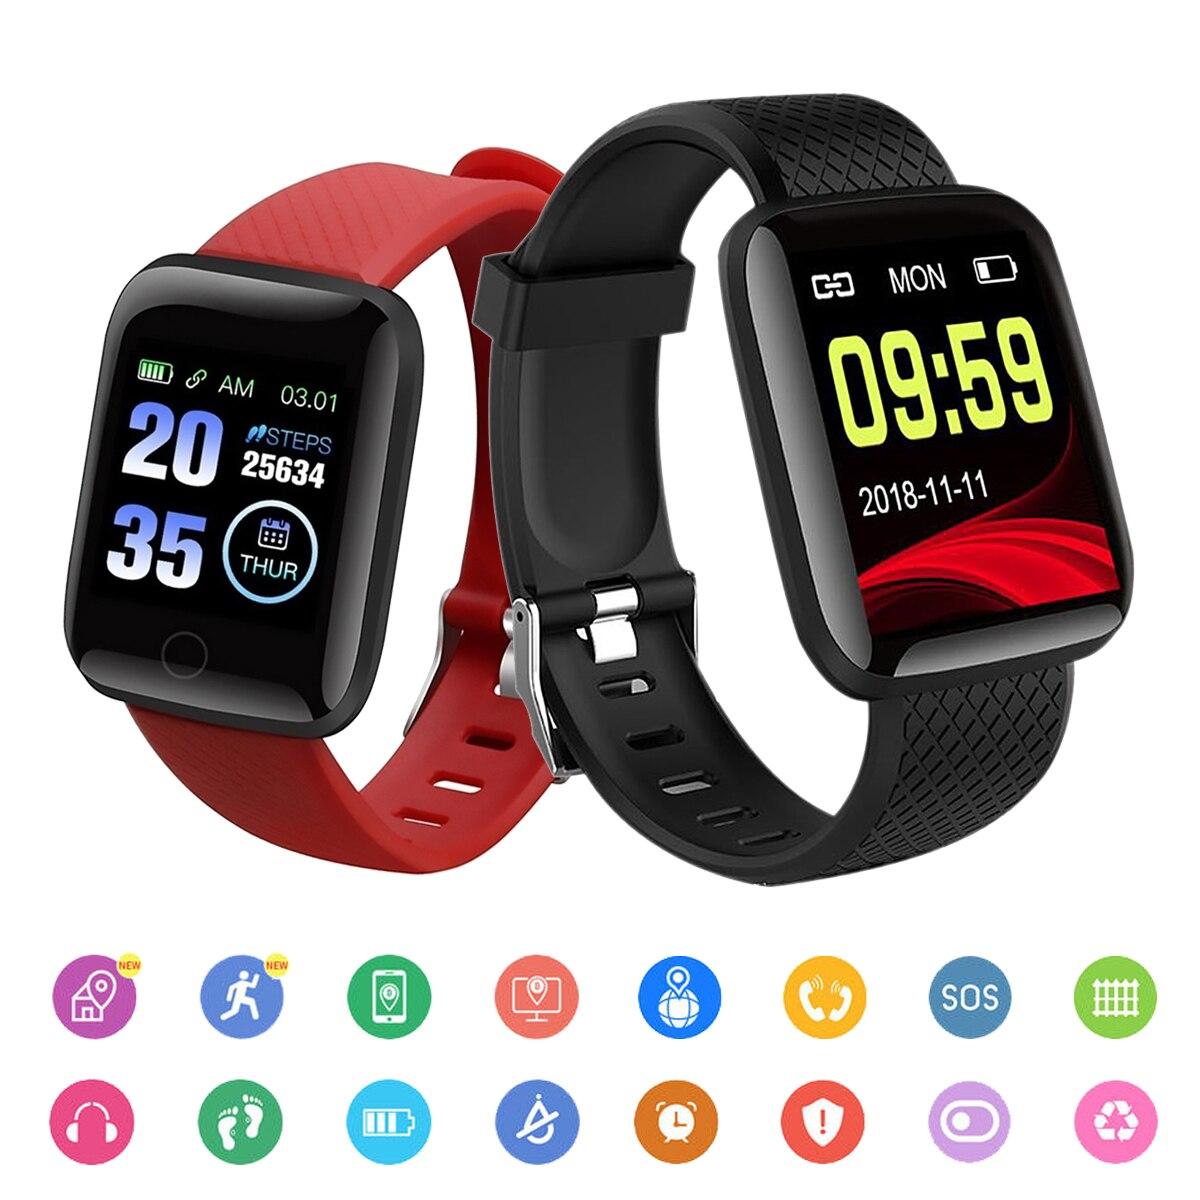 Relógios inteligentes 116 mais freqüência cardíaca relógio inteligente pulseira esportes relógios banda inteligente à prova dwaterproof água smartwatch android tudo compatível